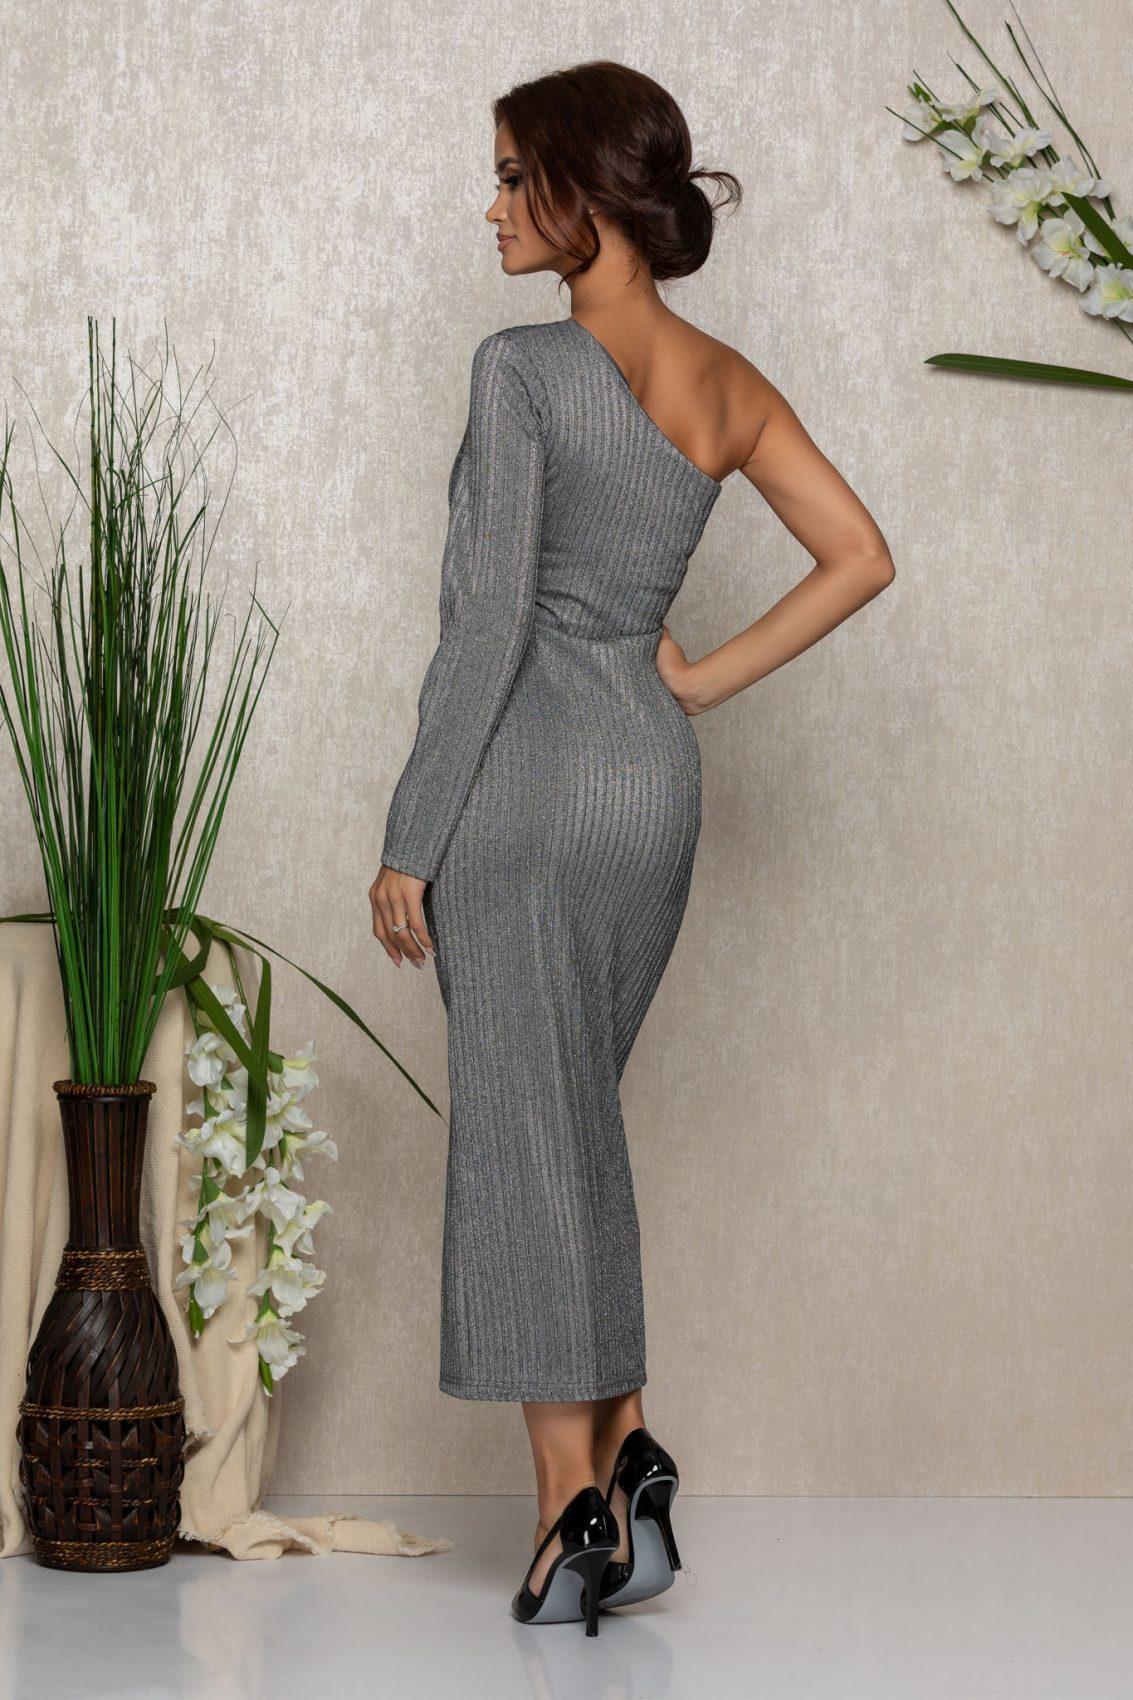 Ασημί Βραδινό Φόρεμα Samantha 9208 2